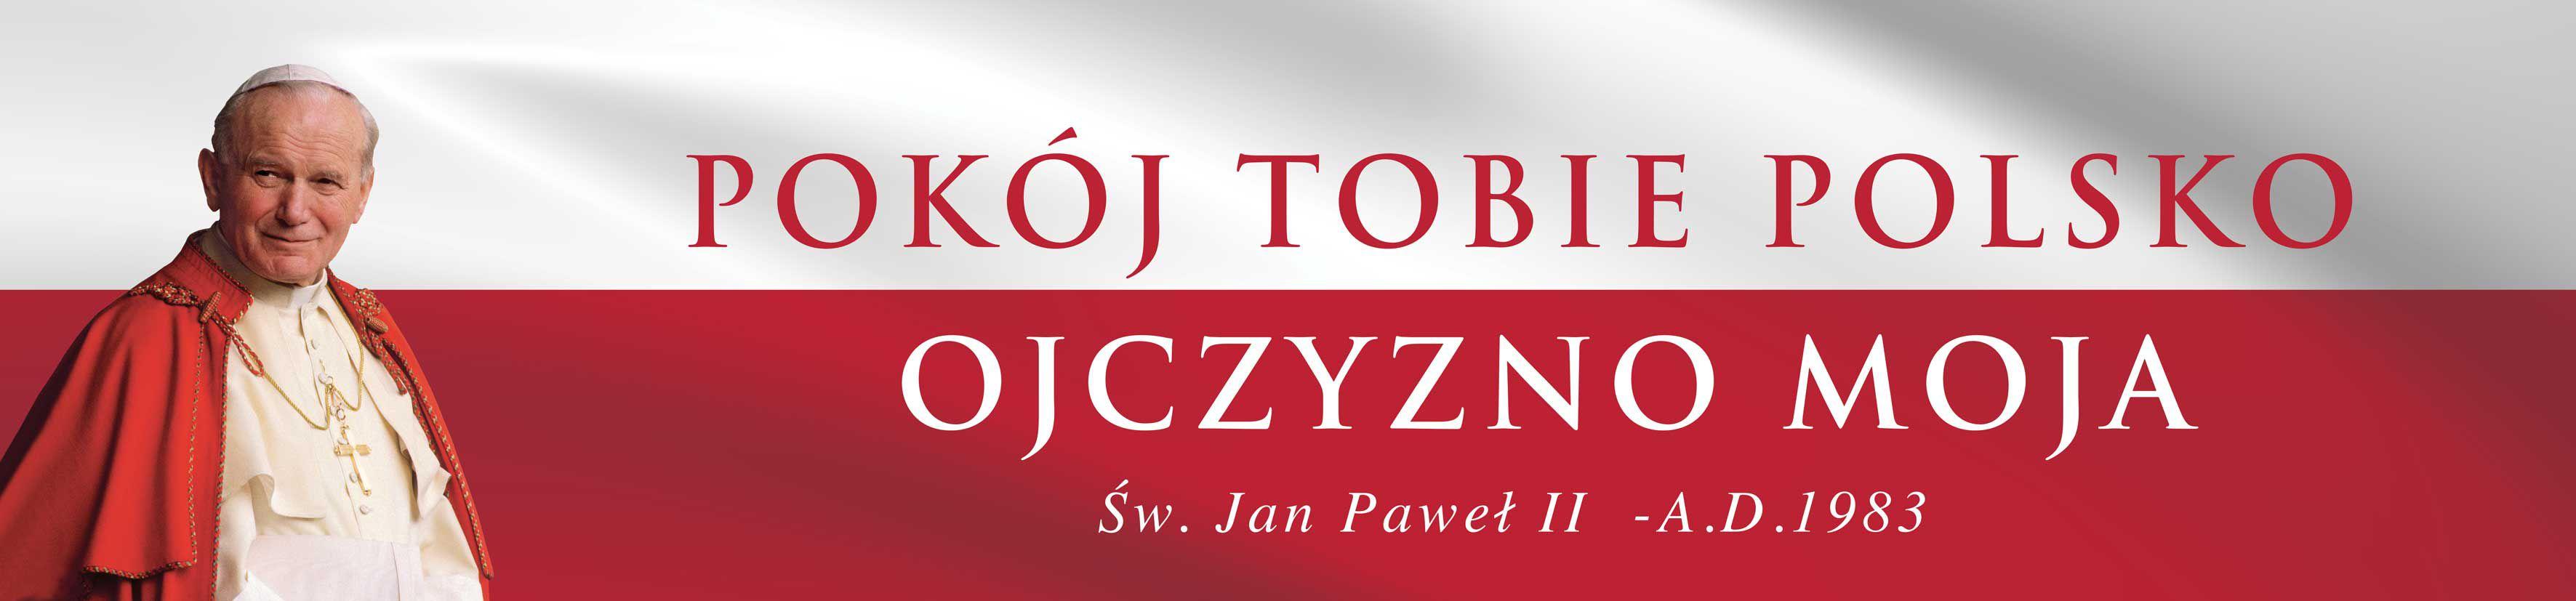 100-lecie odzyskania niepodleglosci - baner patriotyczny